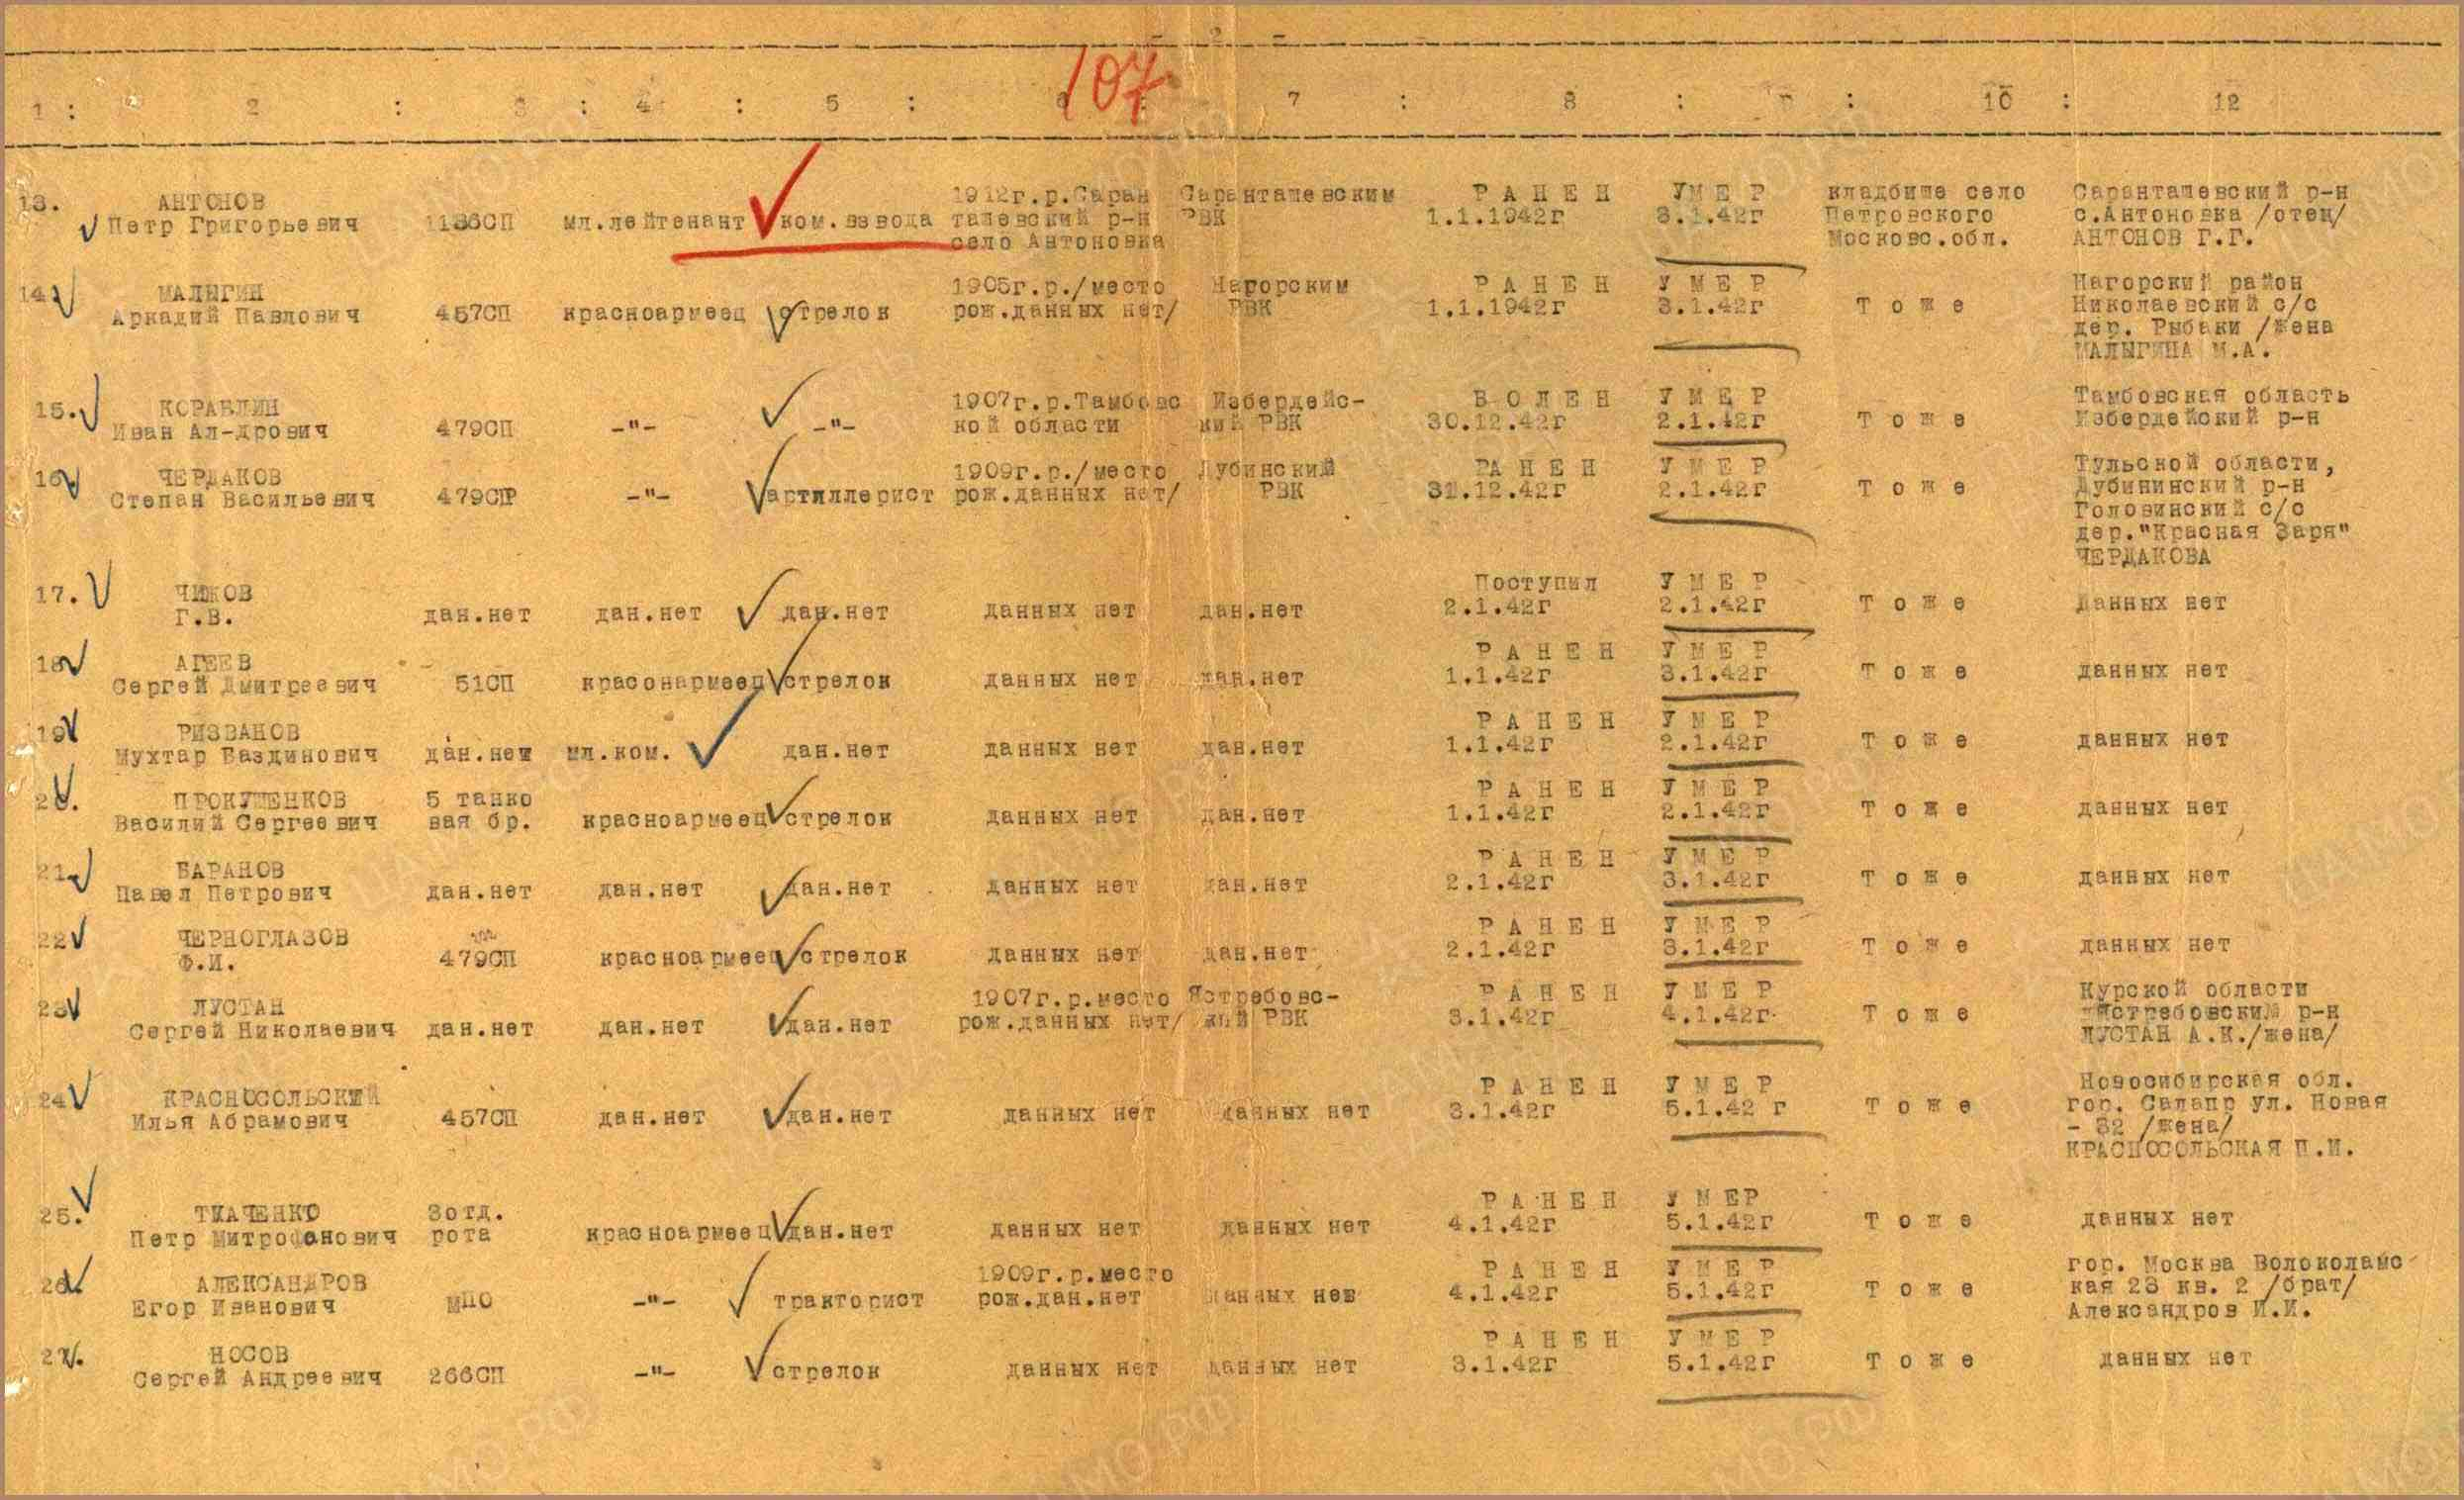 Смотреть - Счетная палата Республики Татарстан